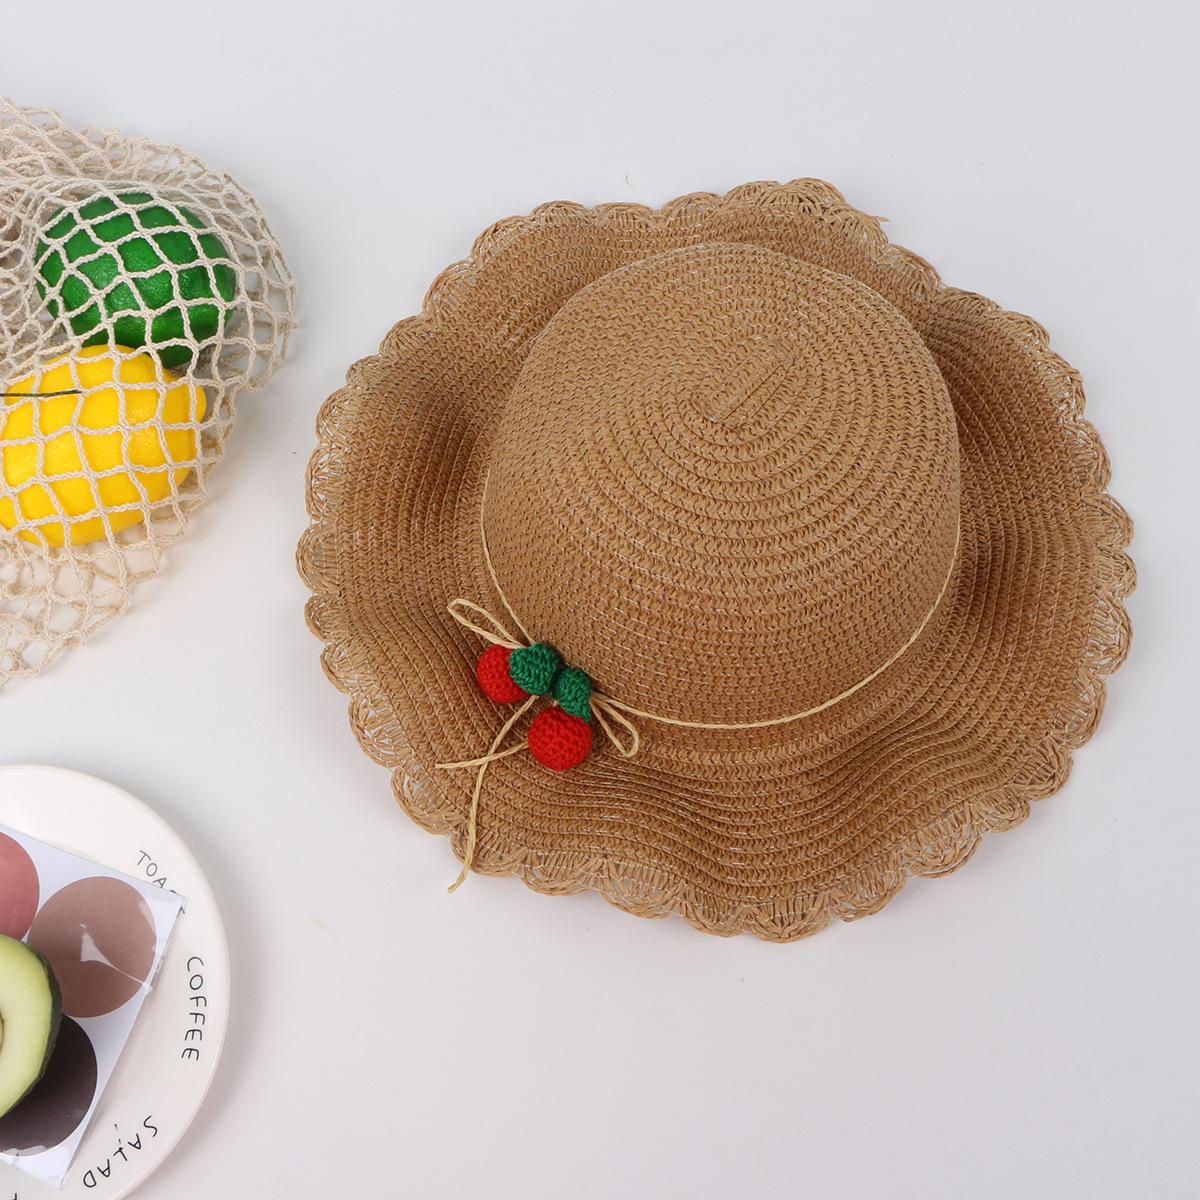 Cherry lace wave straw hat bag set children39s sun hat summer new outdoor sun hat NHTQ208117